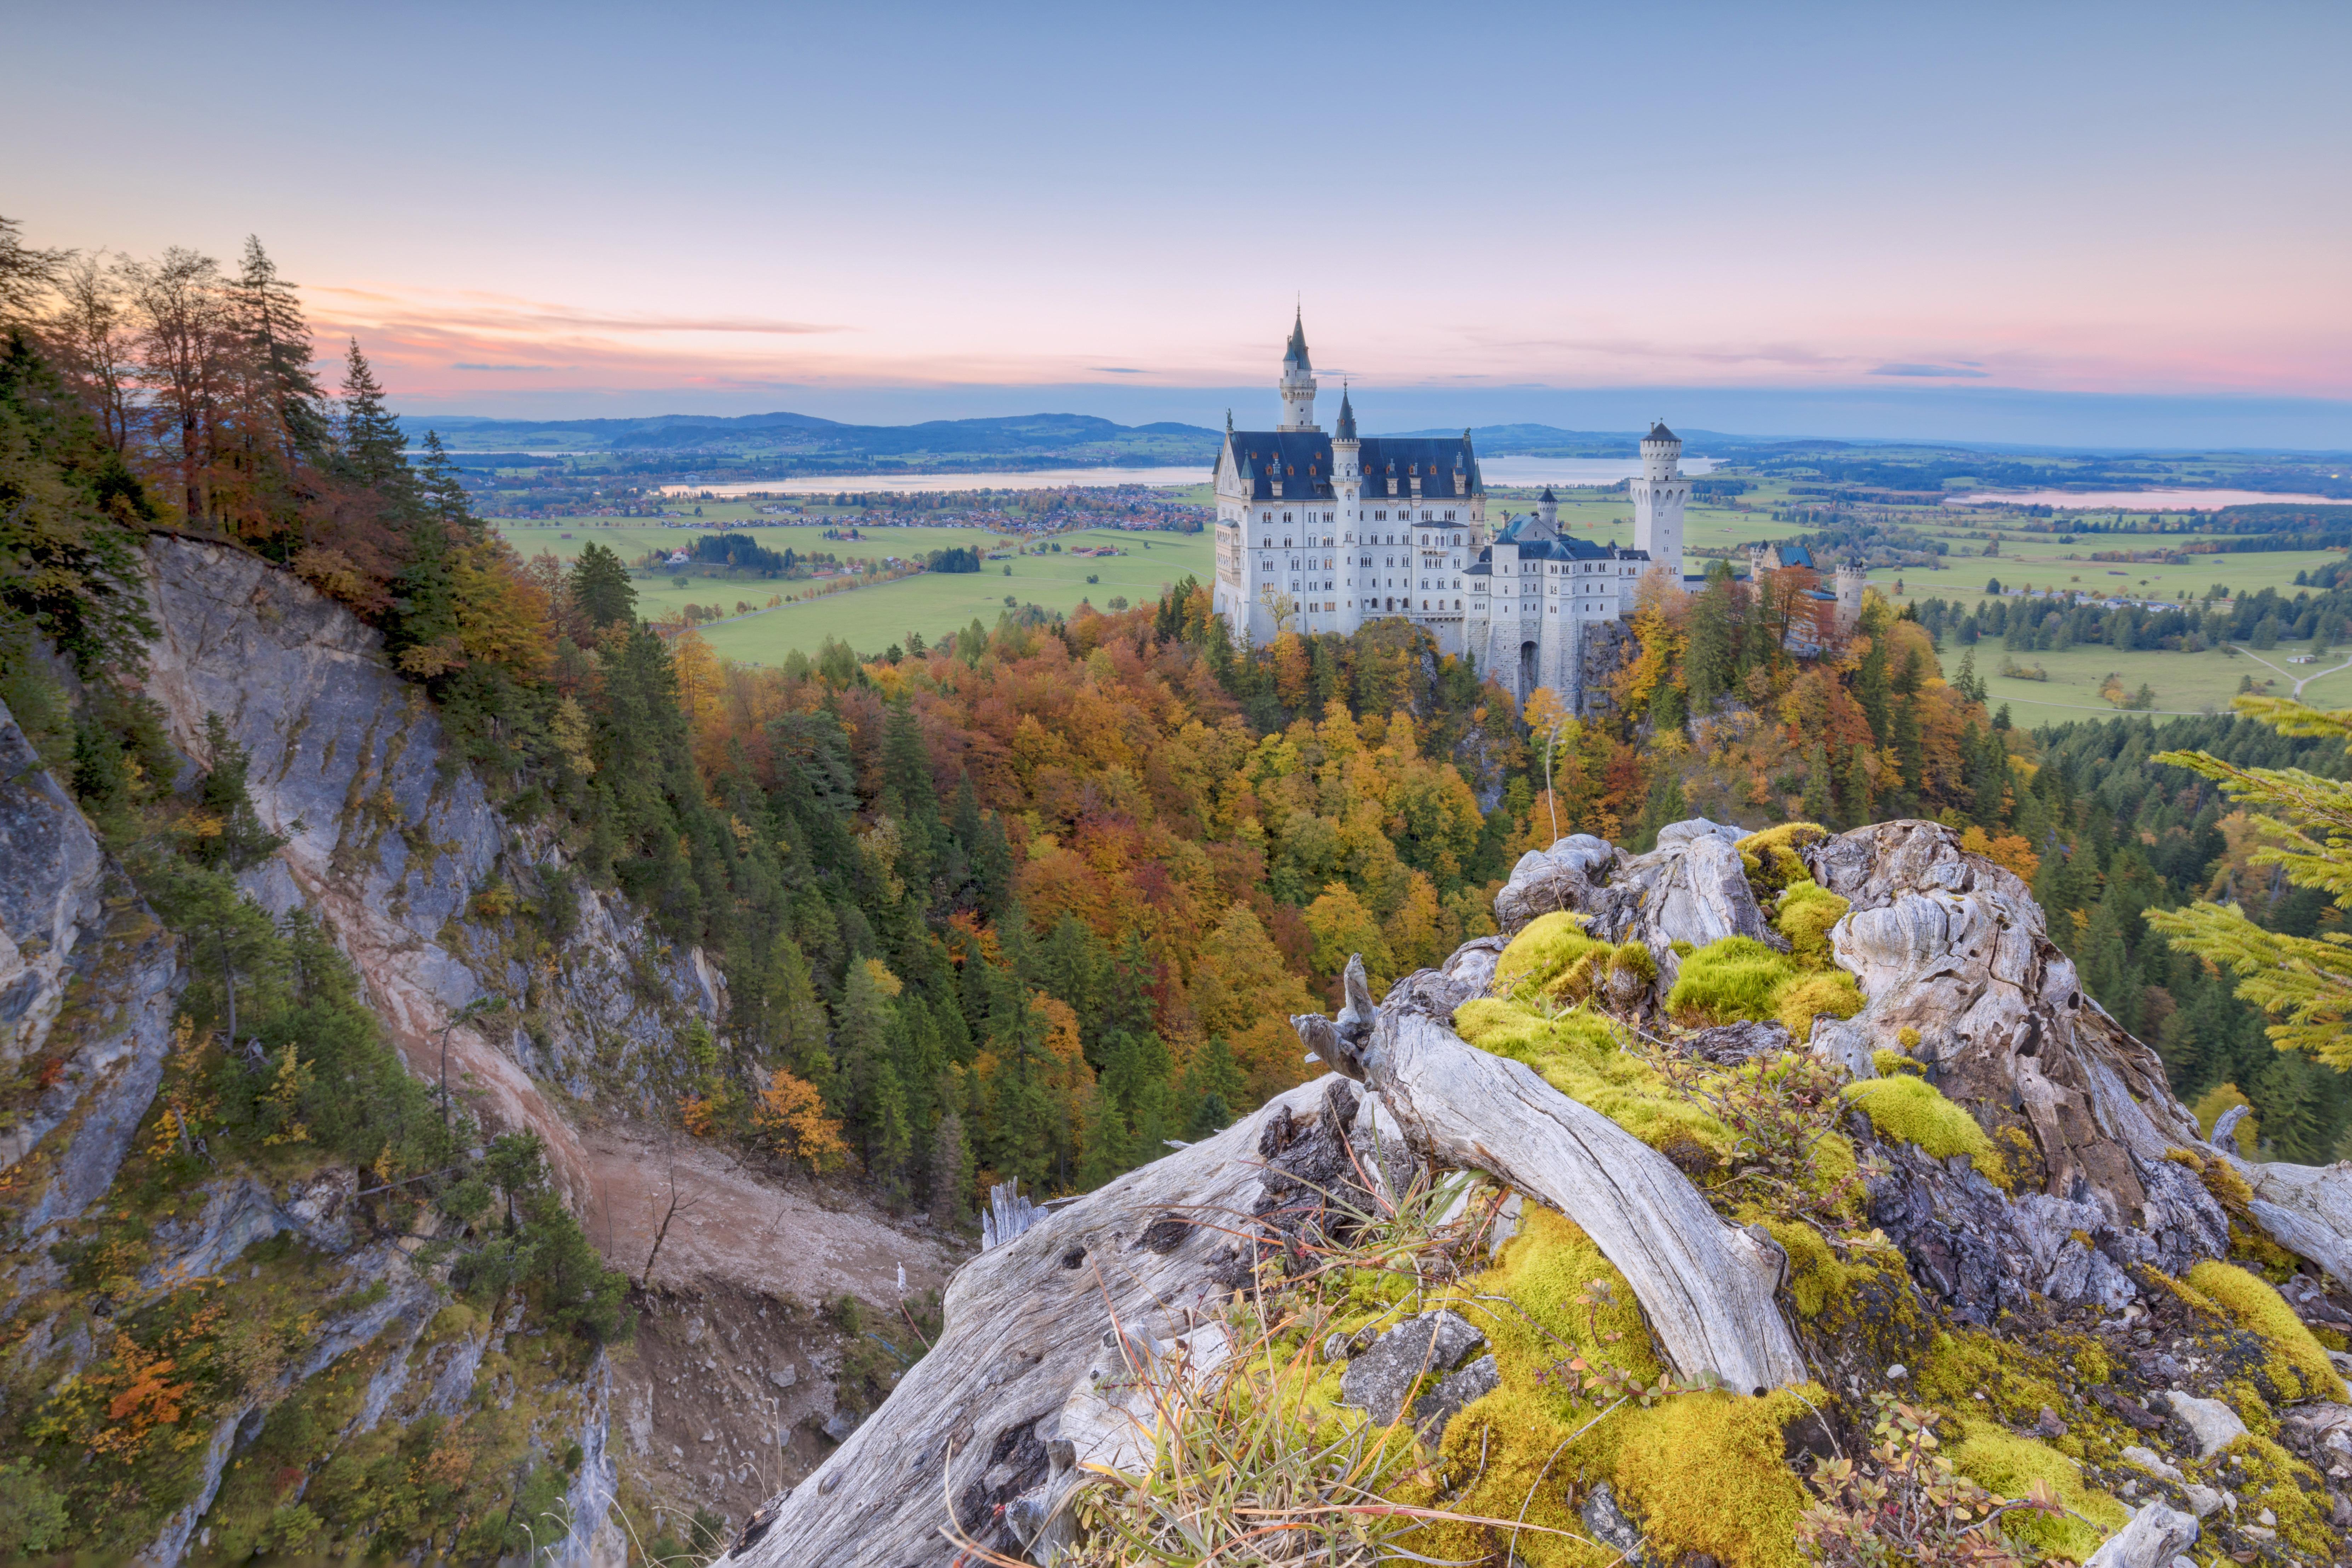 Seria o Castelo de Neuschwanstein, na Baviera, ainda mais romântico no outono? Crédito: